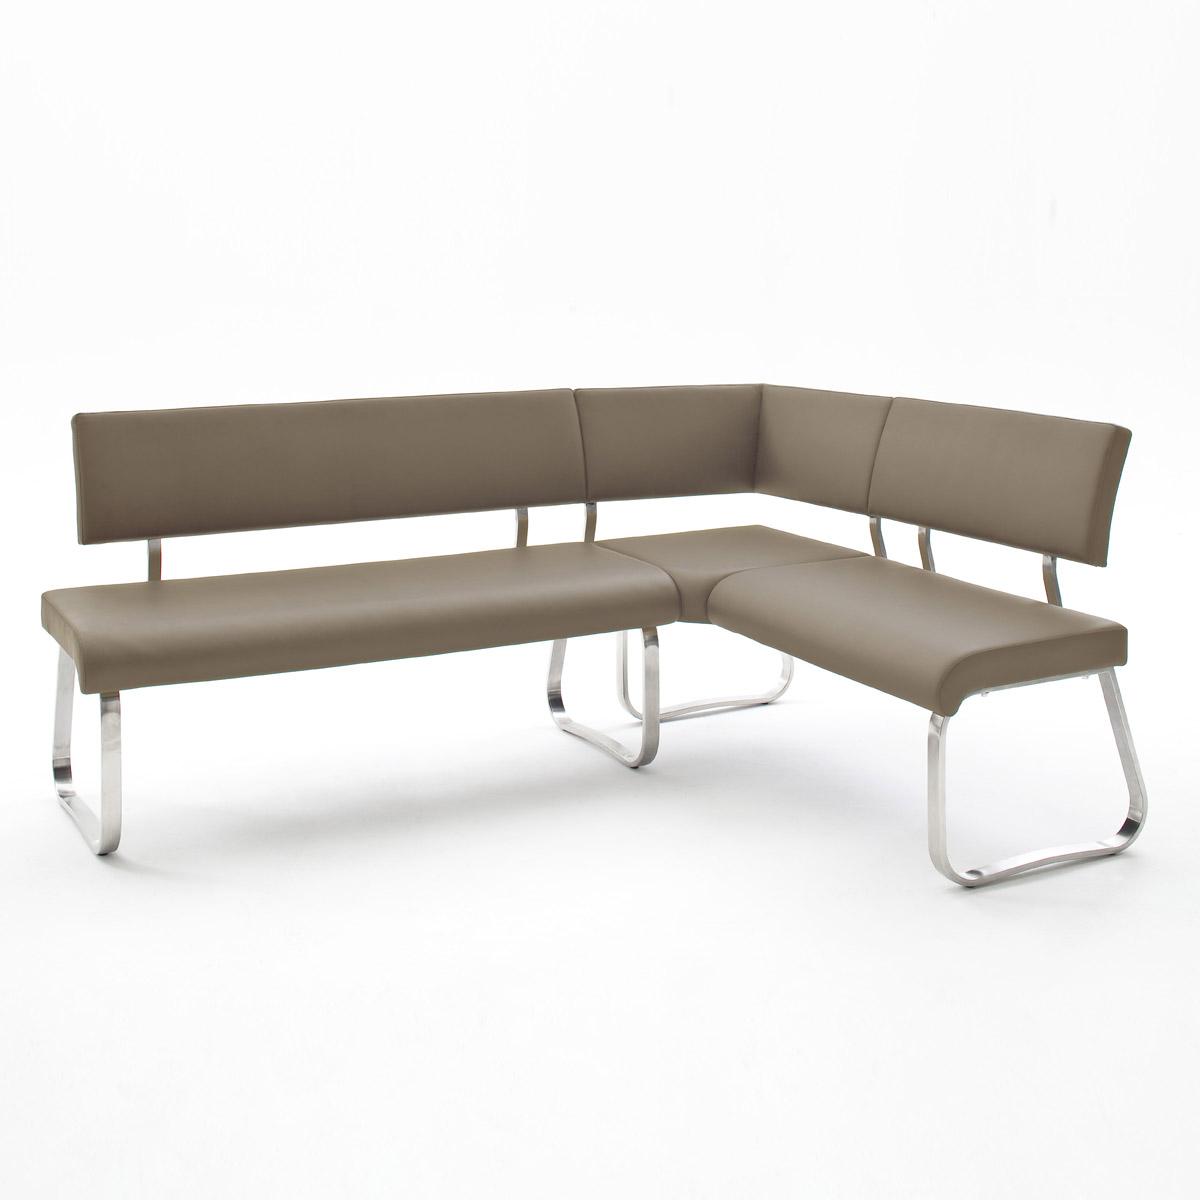 eckbank arco sitzbank polsterbank esszimmer bank lederlook edelstahl ebay. Black Bedroom Furniture Sets. Home Design Ideas